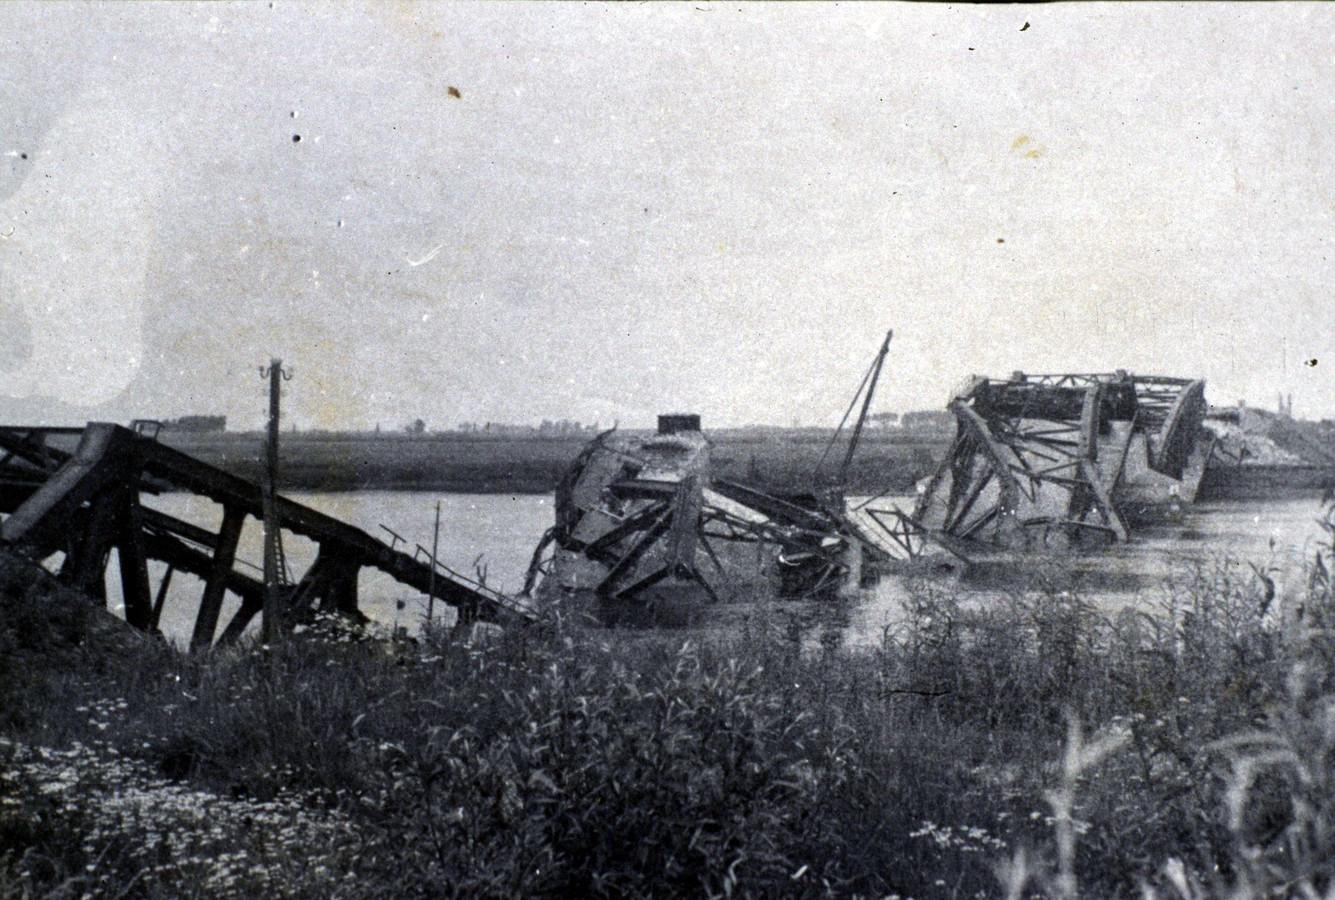 De Keizersveersebrug werd op 31 oktober 1944 door de Duitsers vernield om de geallieerden aan de zuidkant van de Bergsche Maas te houden.